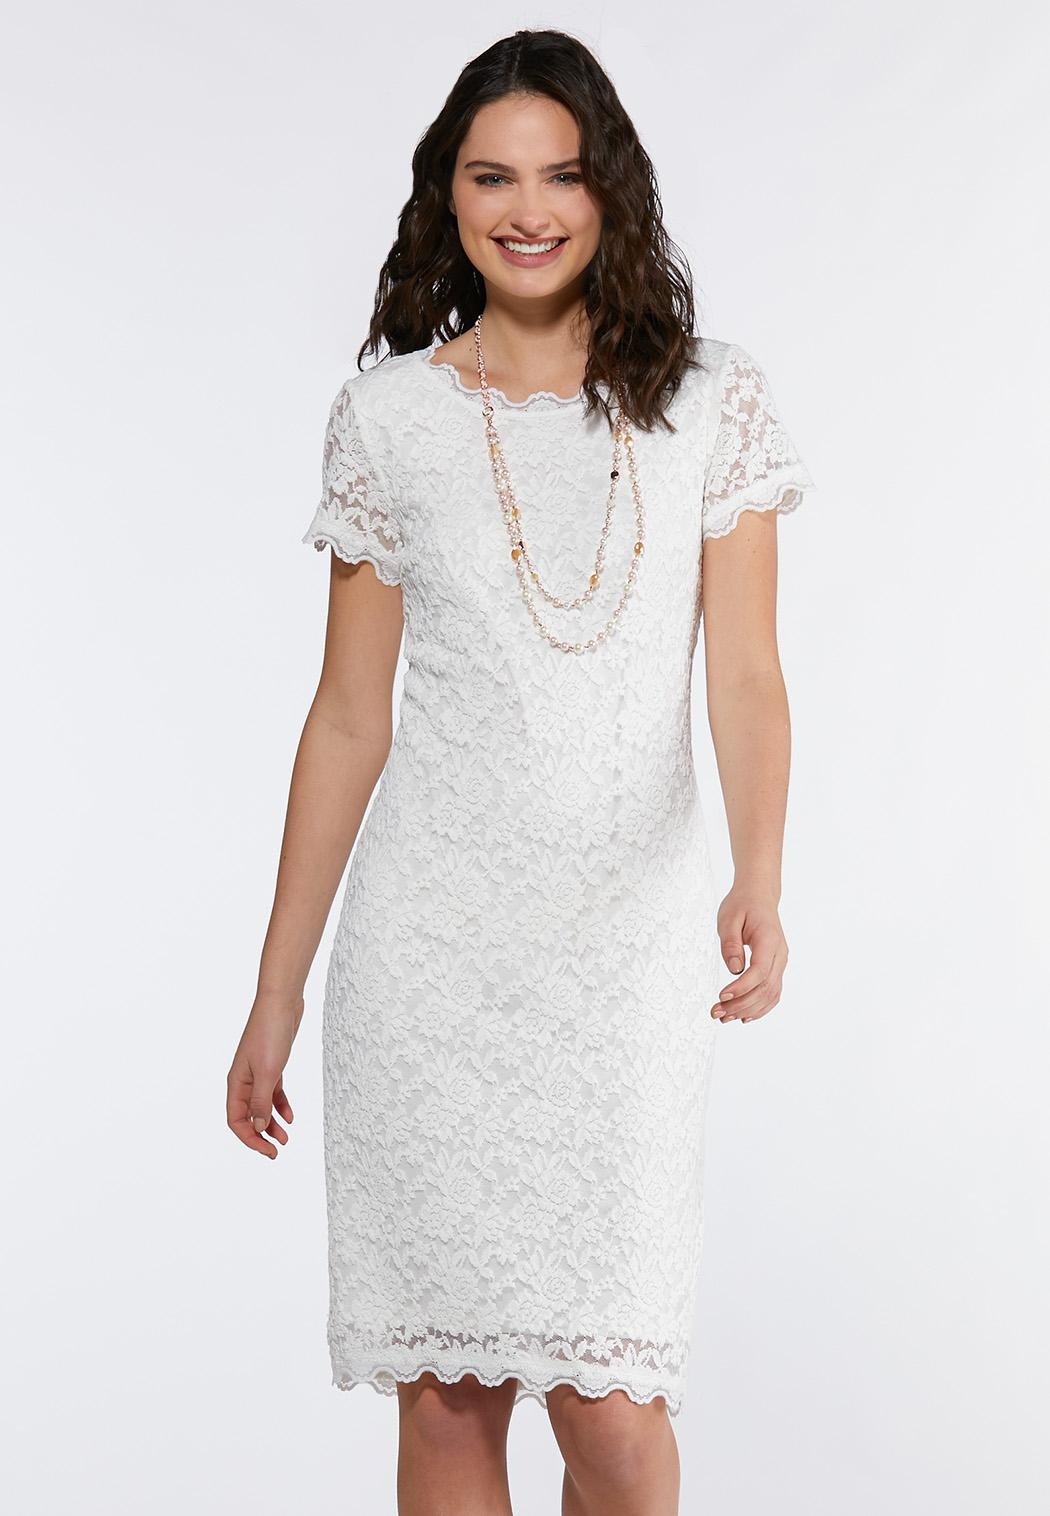 9d379a5381 White Lace Midi Dress Junior Misses Cato Fashions